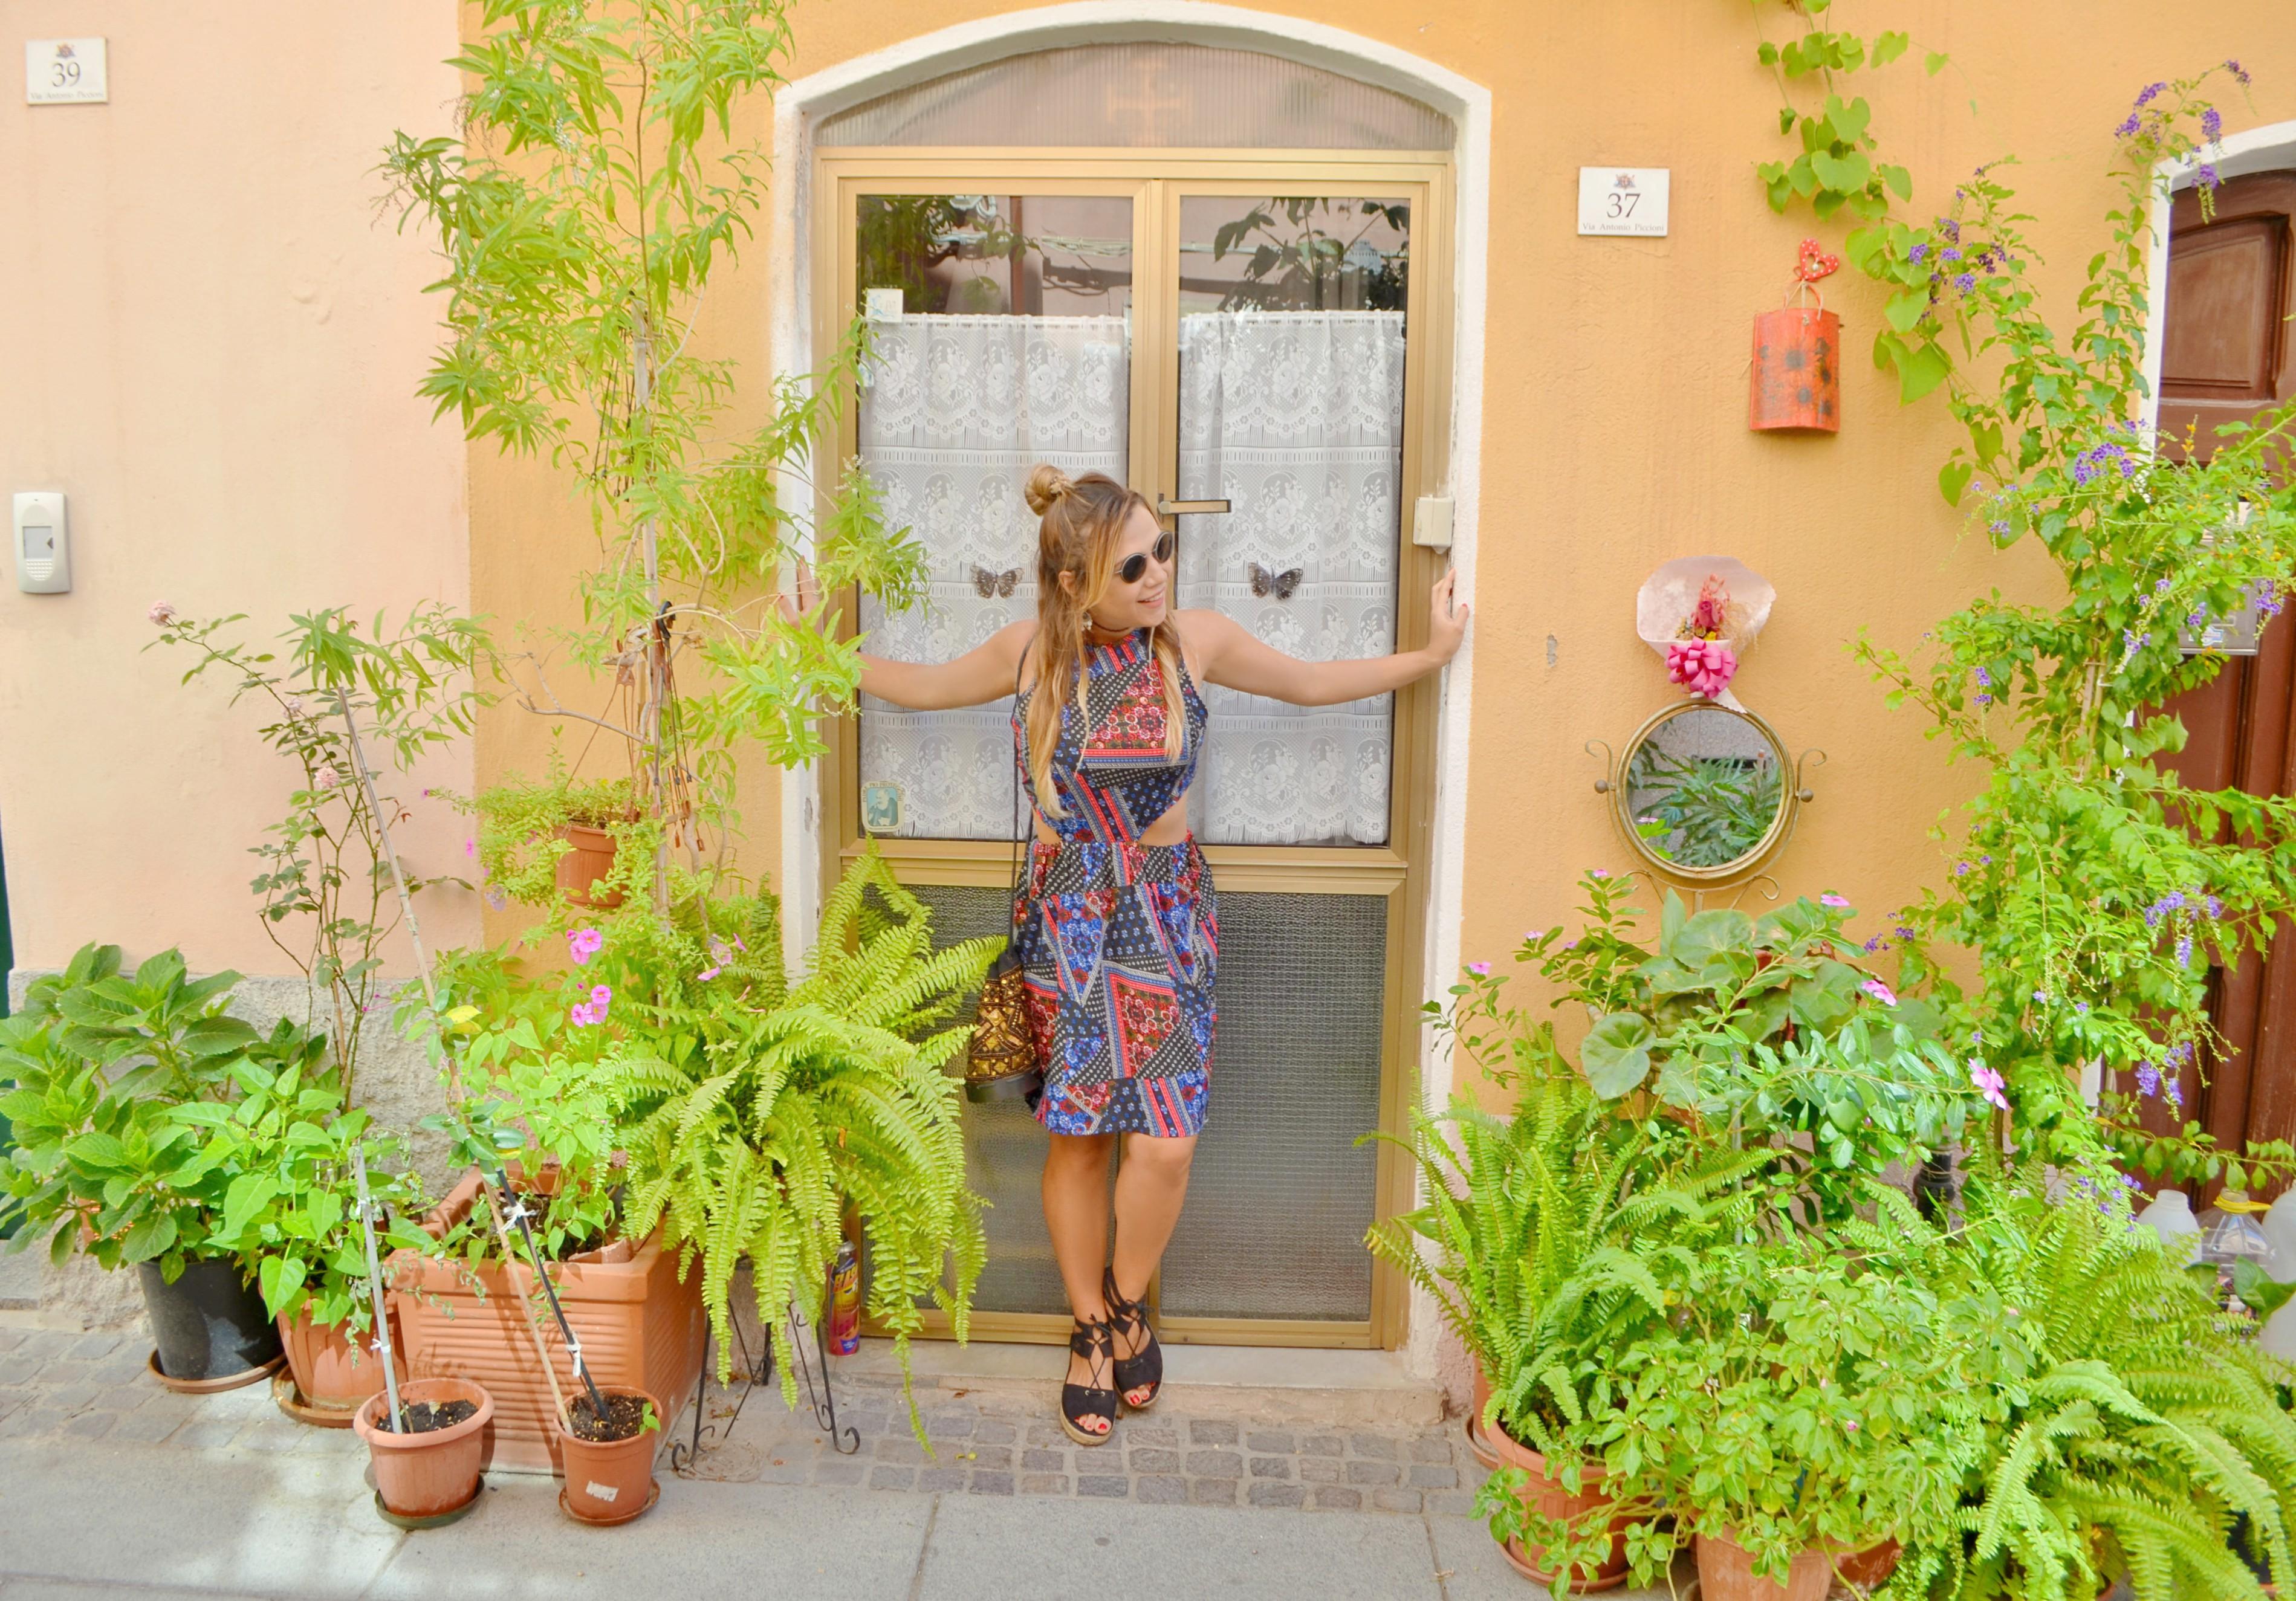 Blog-de-moda-ChicAdicta-influencer-Chic-Adicta-fashionista-look-de-entretiempo-que-ver-en-cagliari-PiensaenChic-Piensa-en-Chic